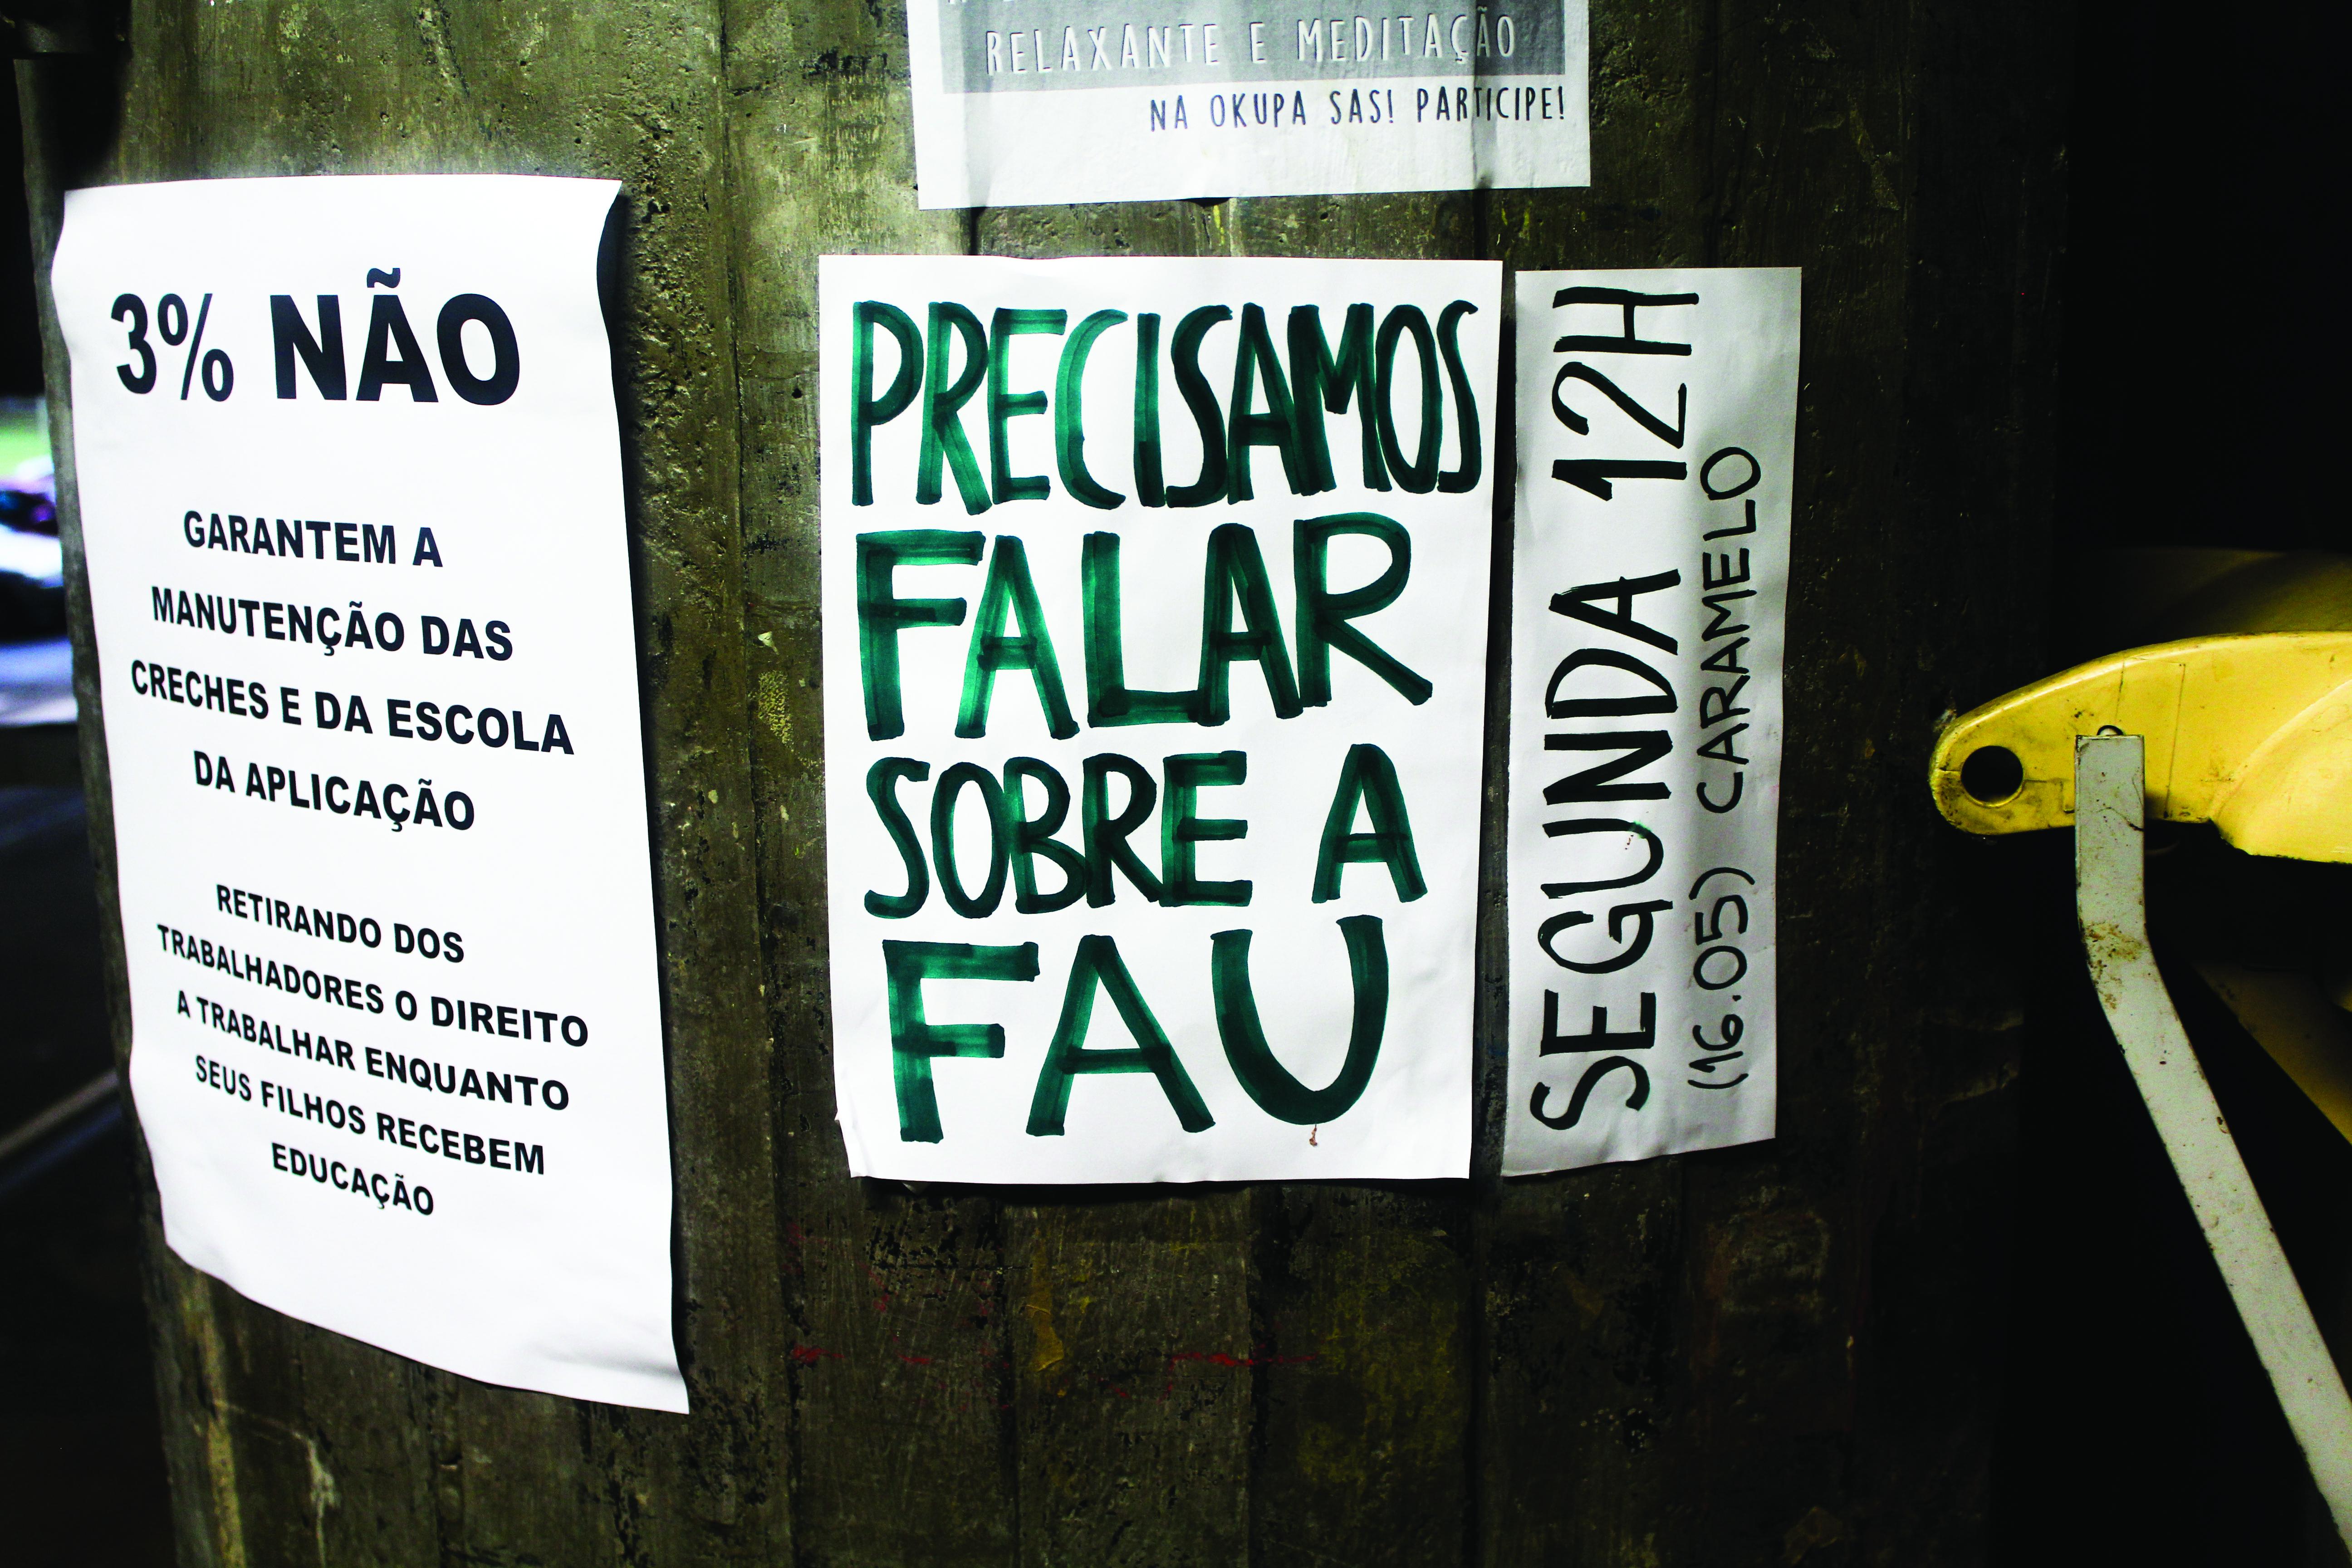 Precisamos falar sobre a FAU; Foto: Ana Luisa Moraes